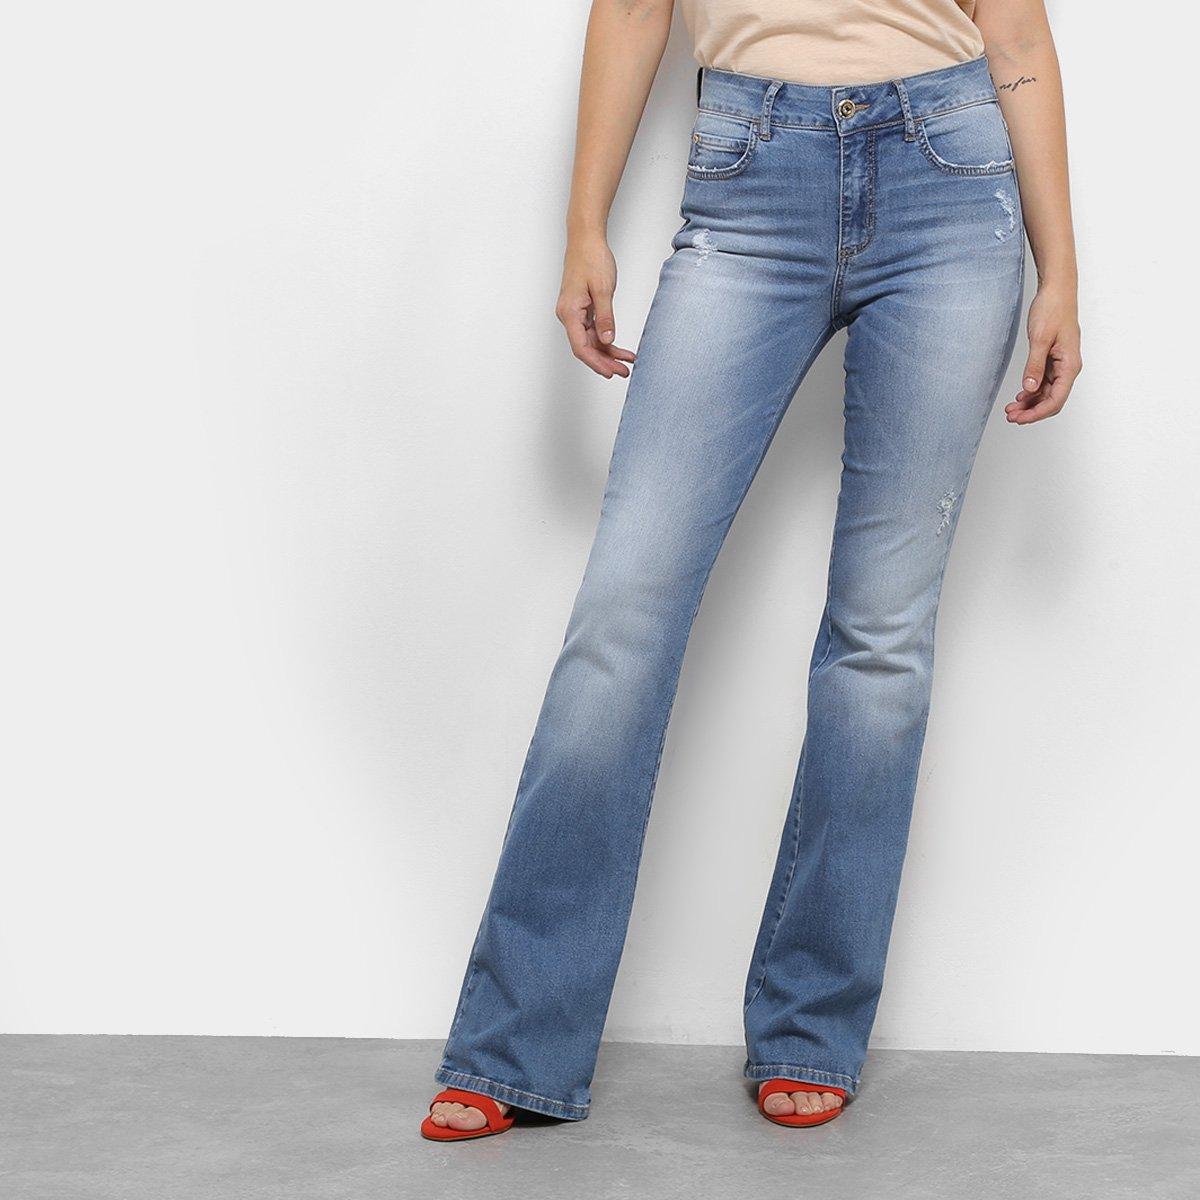 d2c091b85 Calça Jeans Flare Colcci Estonada Cintura Média Feminina | Netshoes